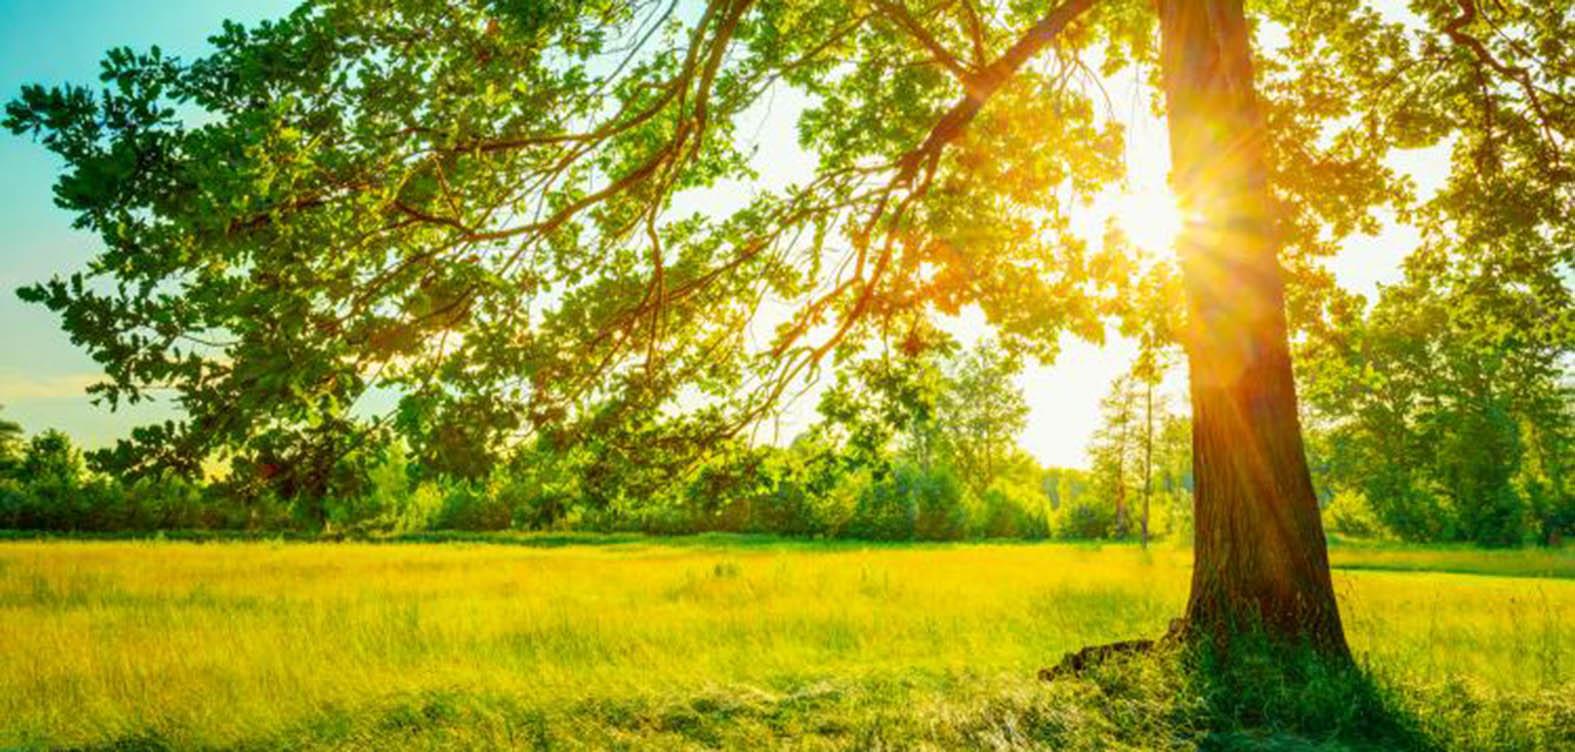 summer-tree.jpg